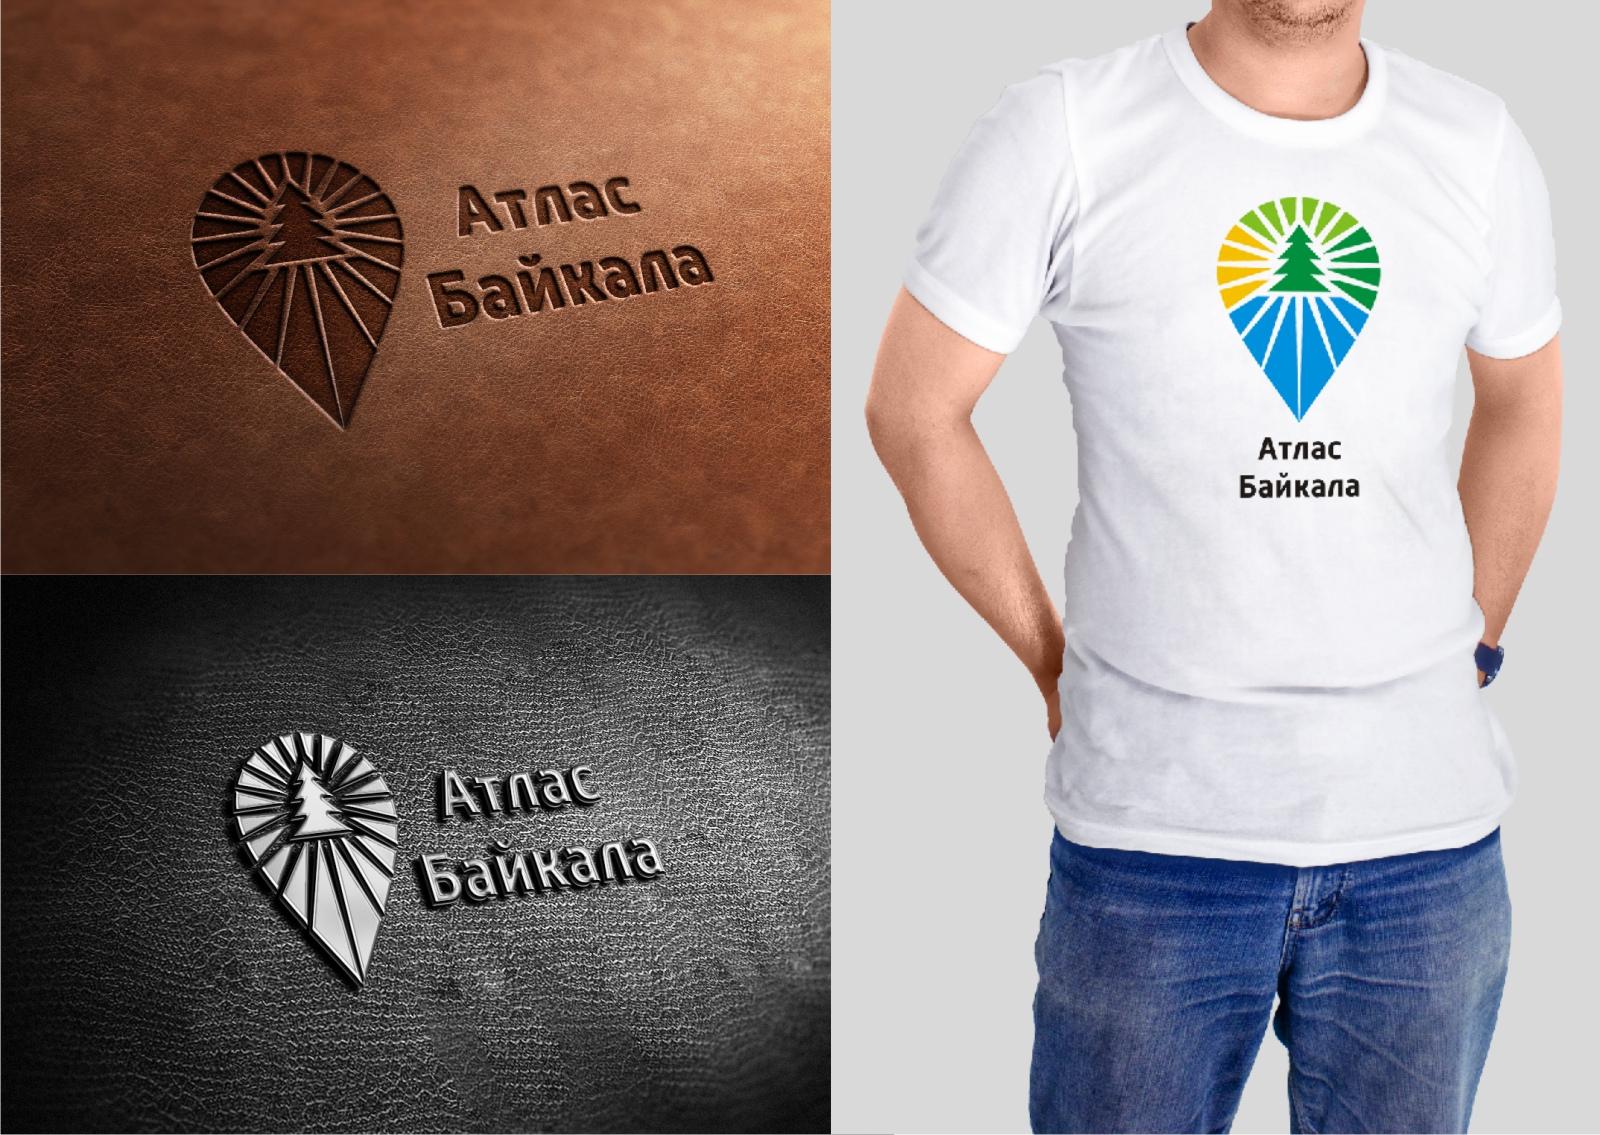 Разработка логотипа Атлас Байкала фото f_5545b192581dc373.jpg